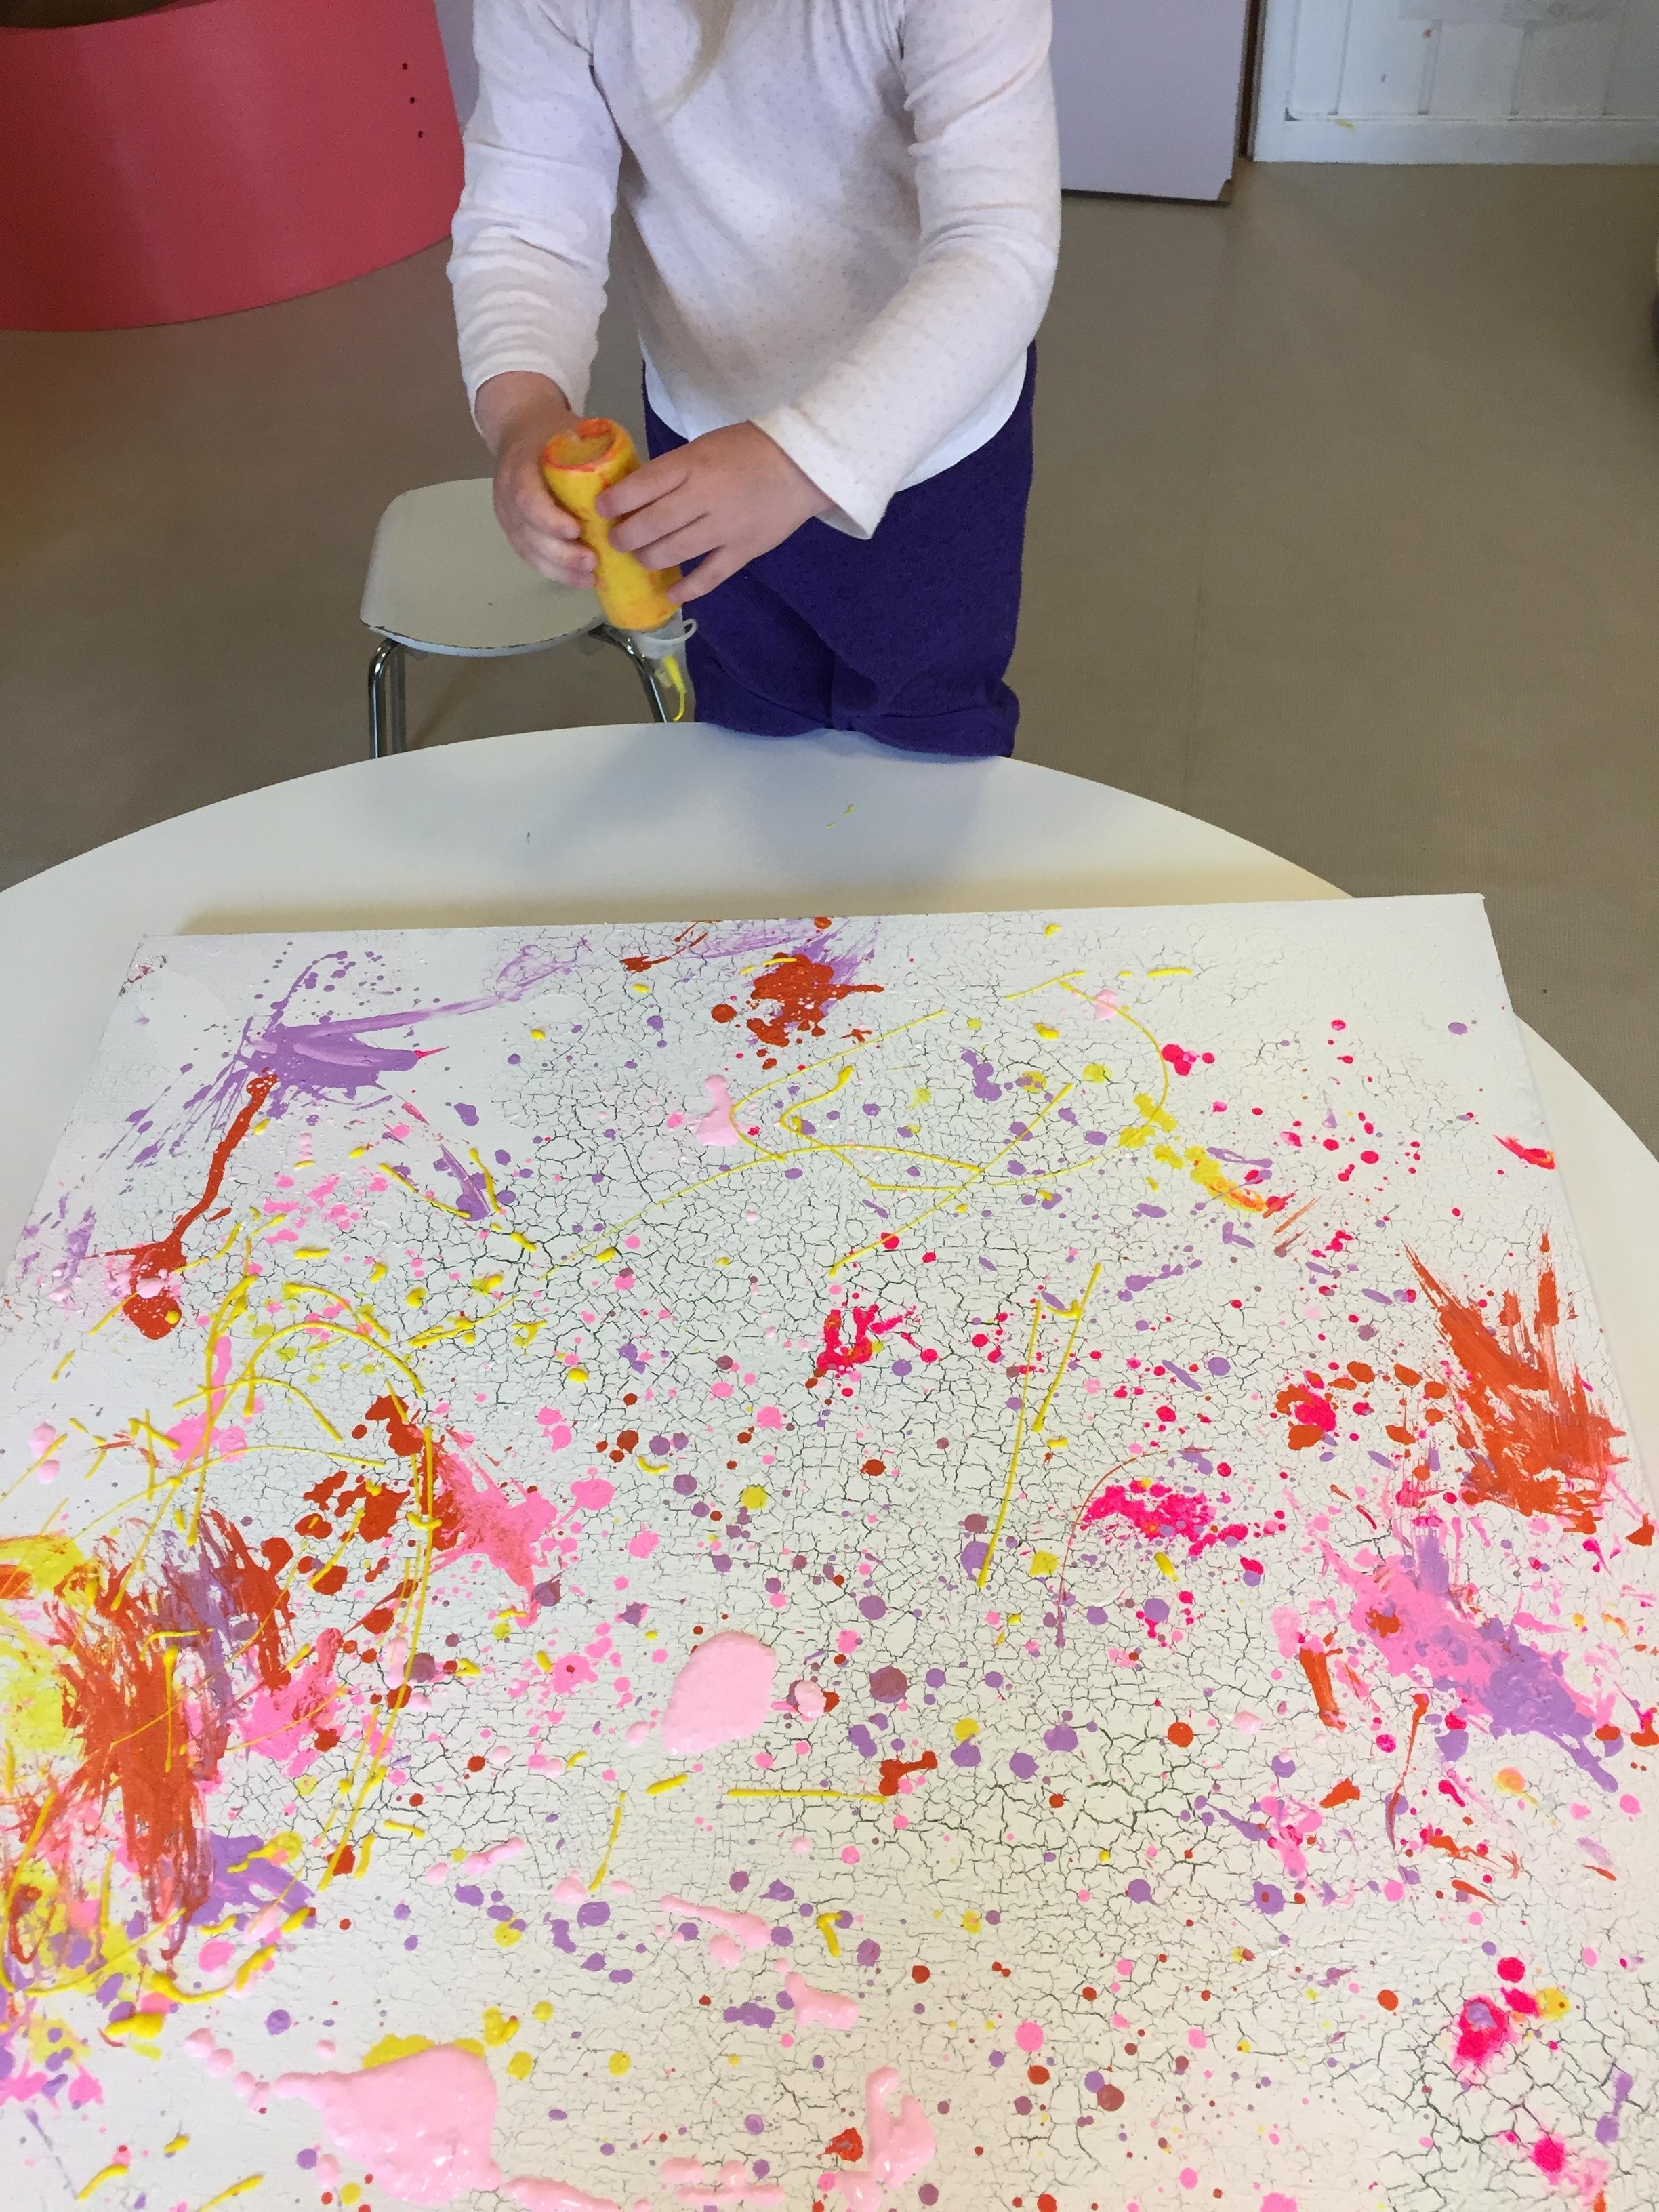 Ved å stå og male får man kanskje et annet inntrykk og oversikt av bildet, og hvor man vil legge på maling.